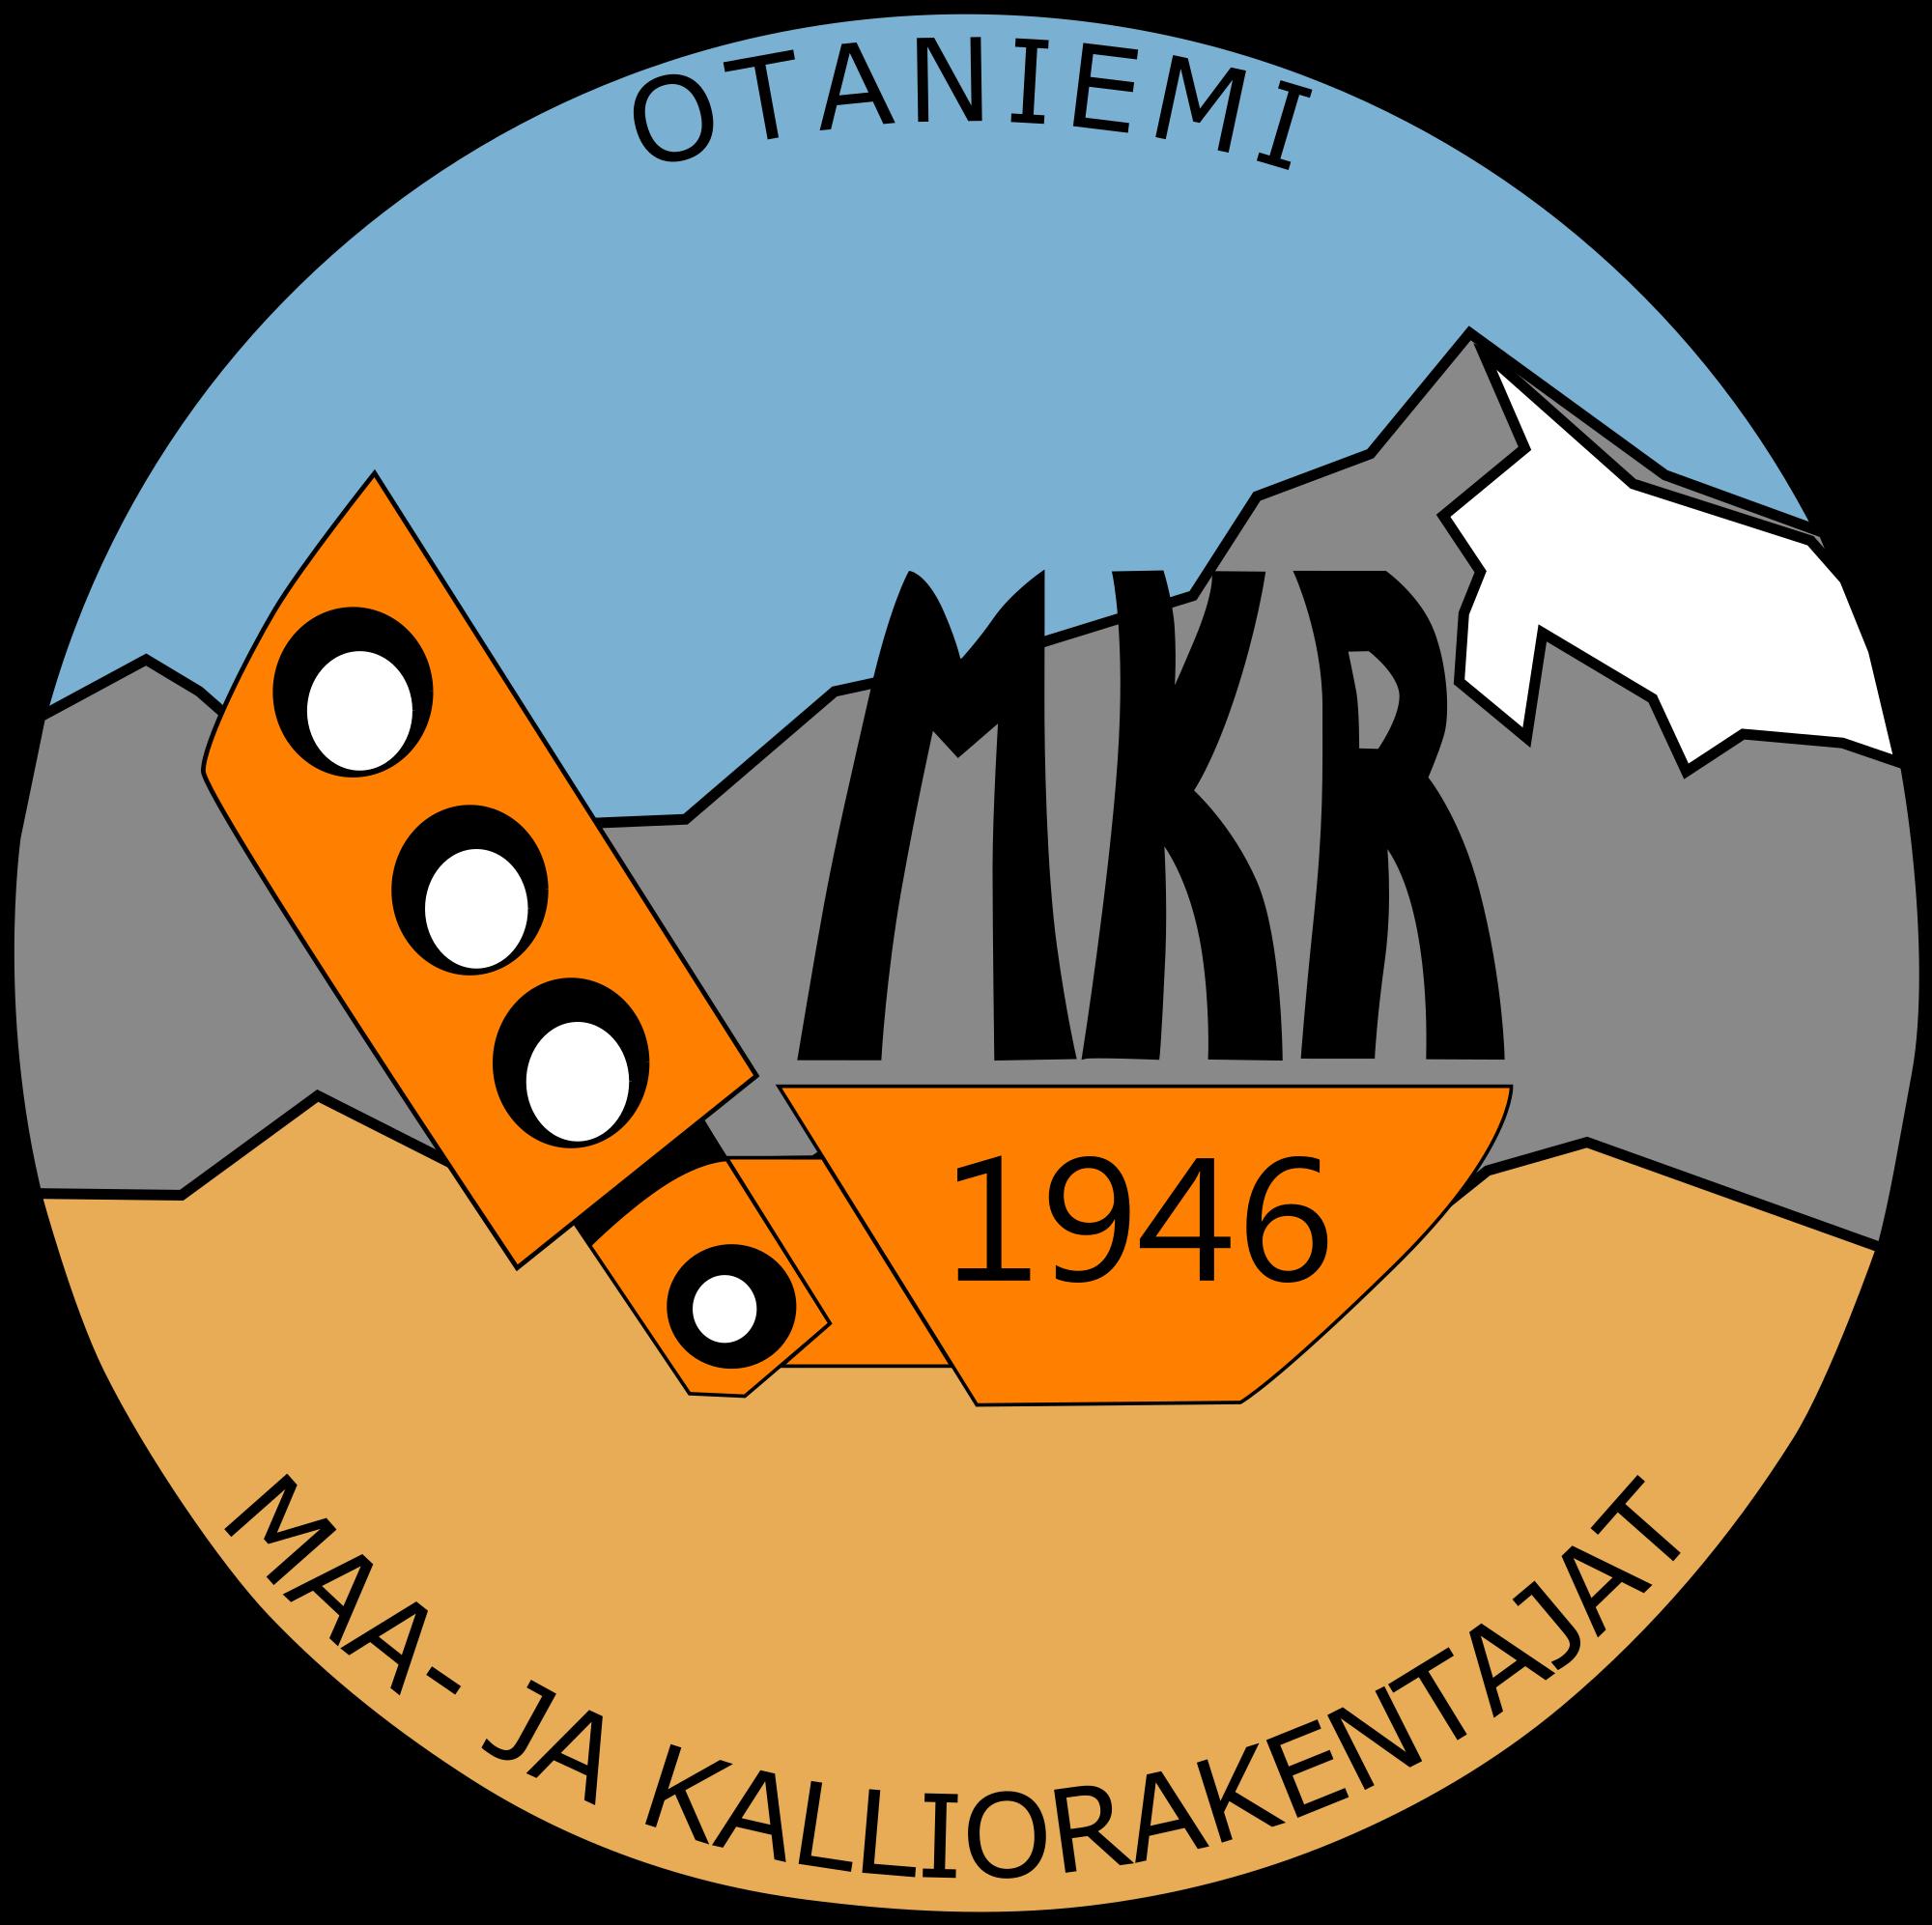 Maa- ja kalliorakentajat ry